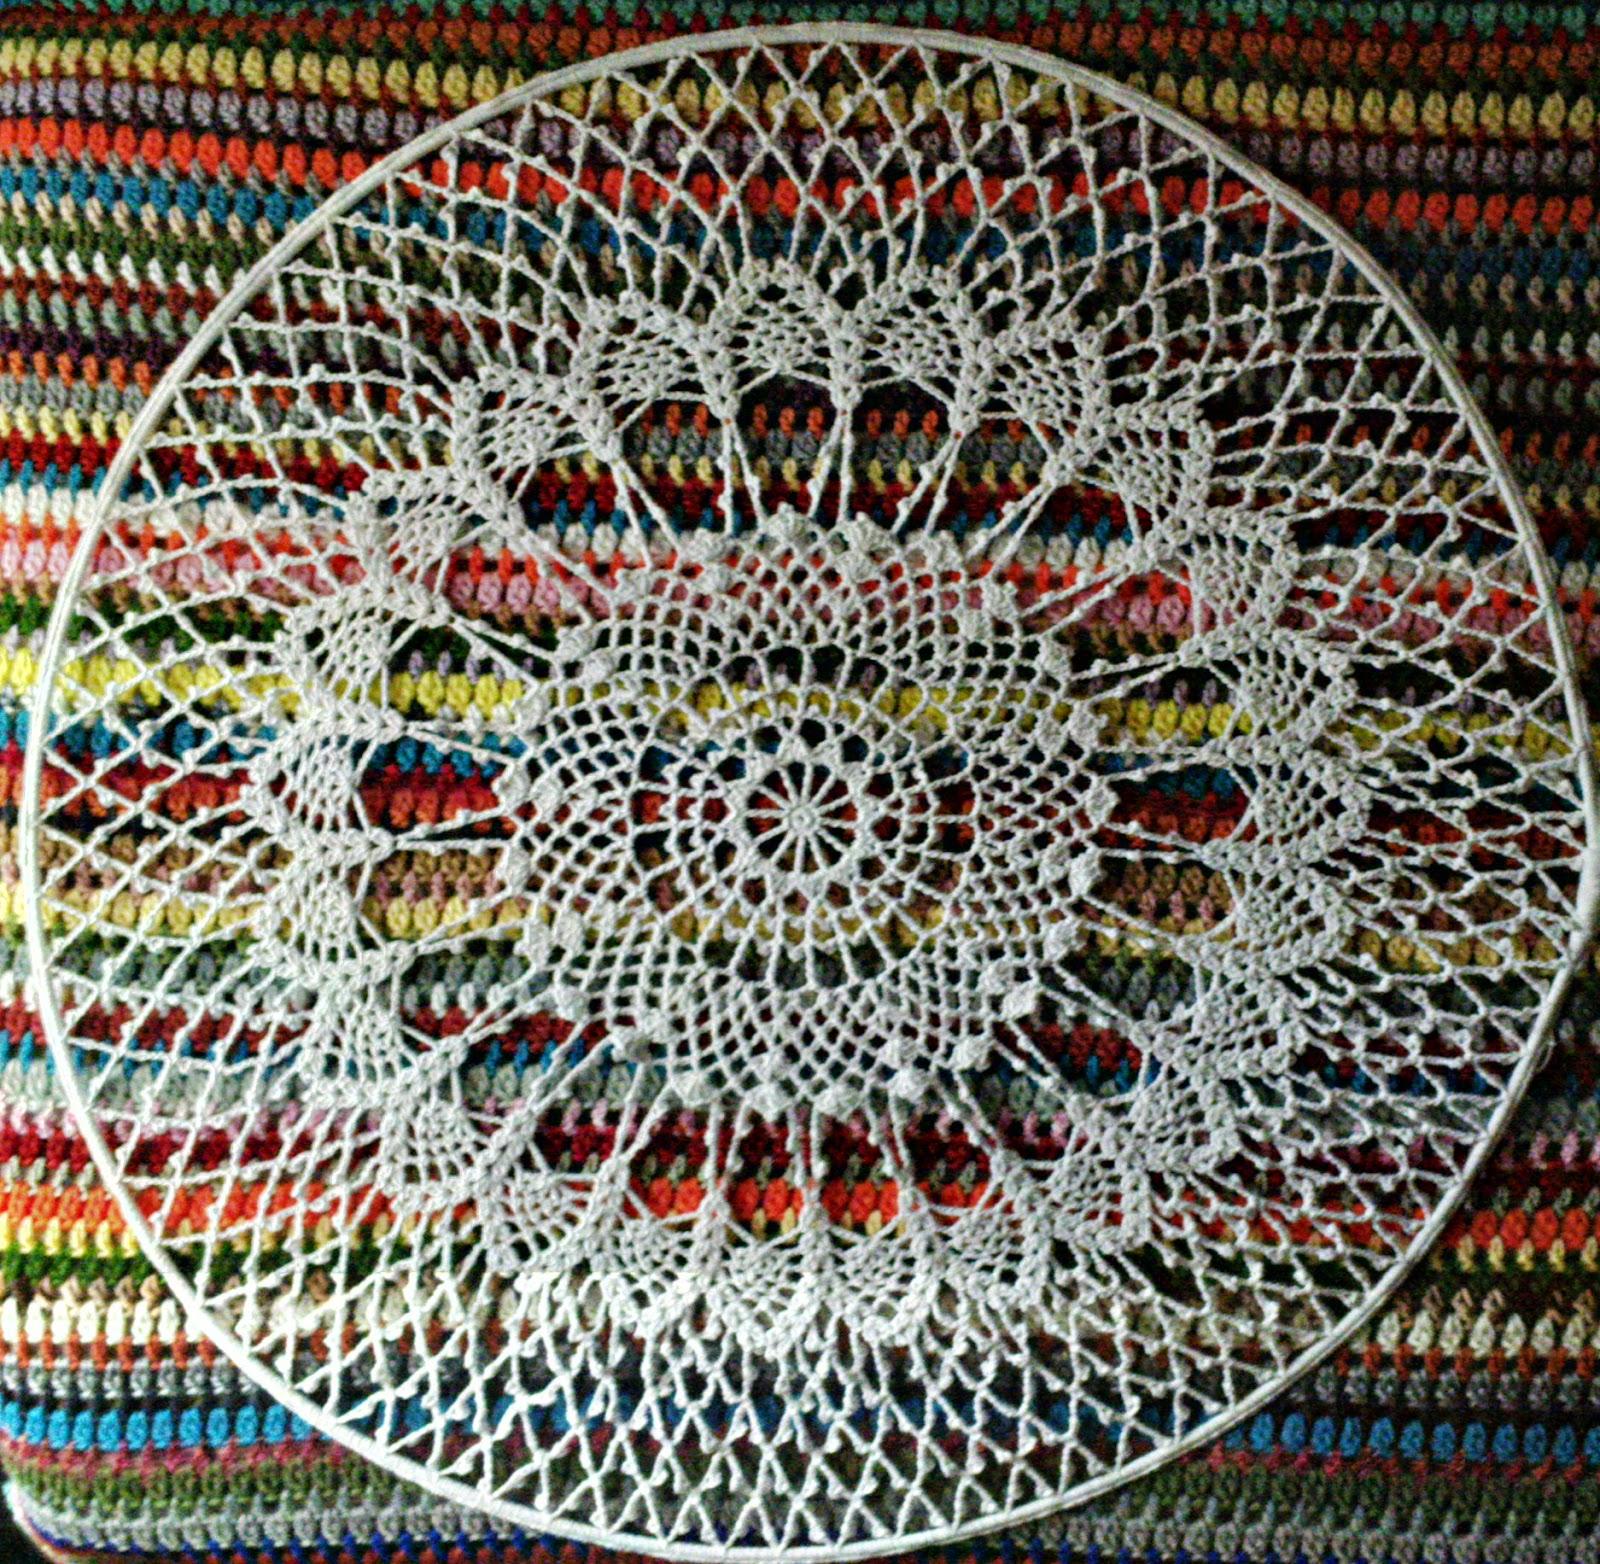 Bonito Crochet Patrón Doily Colección de Imágenes - Manta de Tejer ...